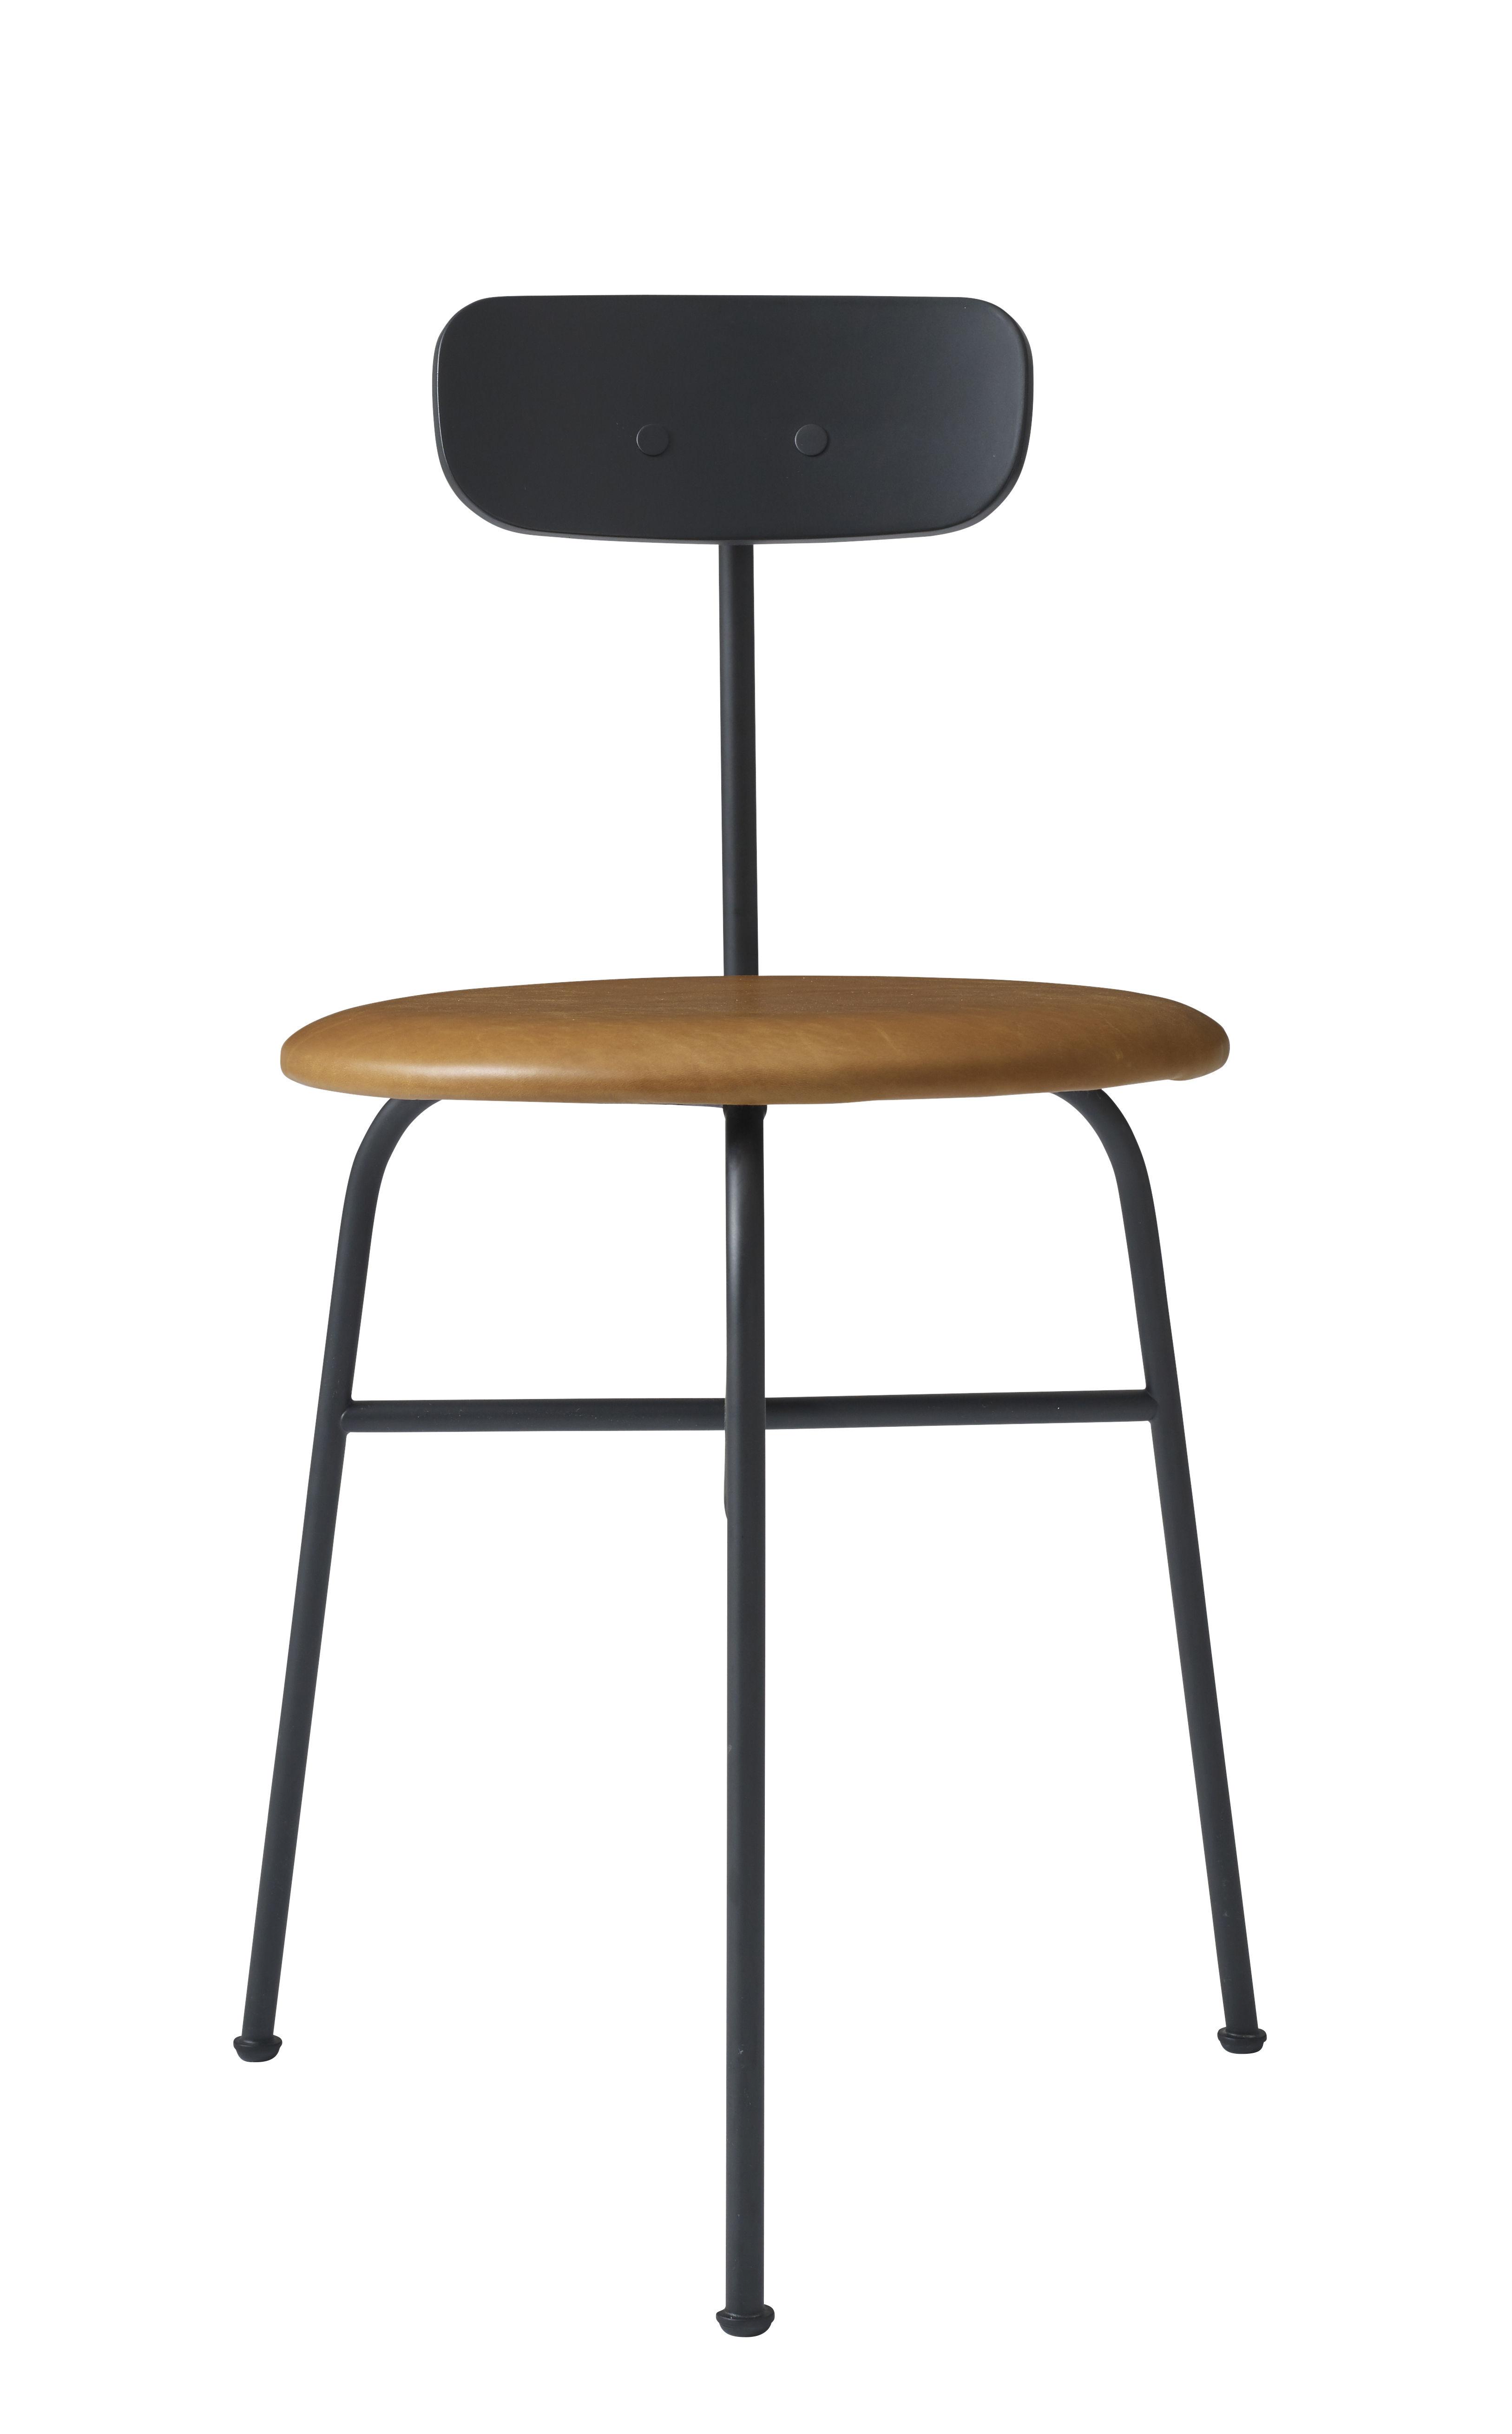 afteroom gepolsterte sitzfl che mit lederbezug menu. Black Bedroom Furniture Sets. Home Design Ideas